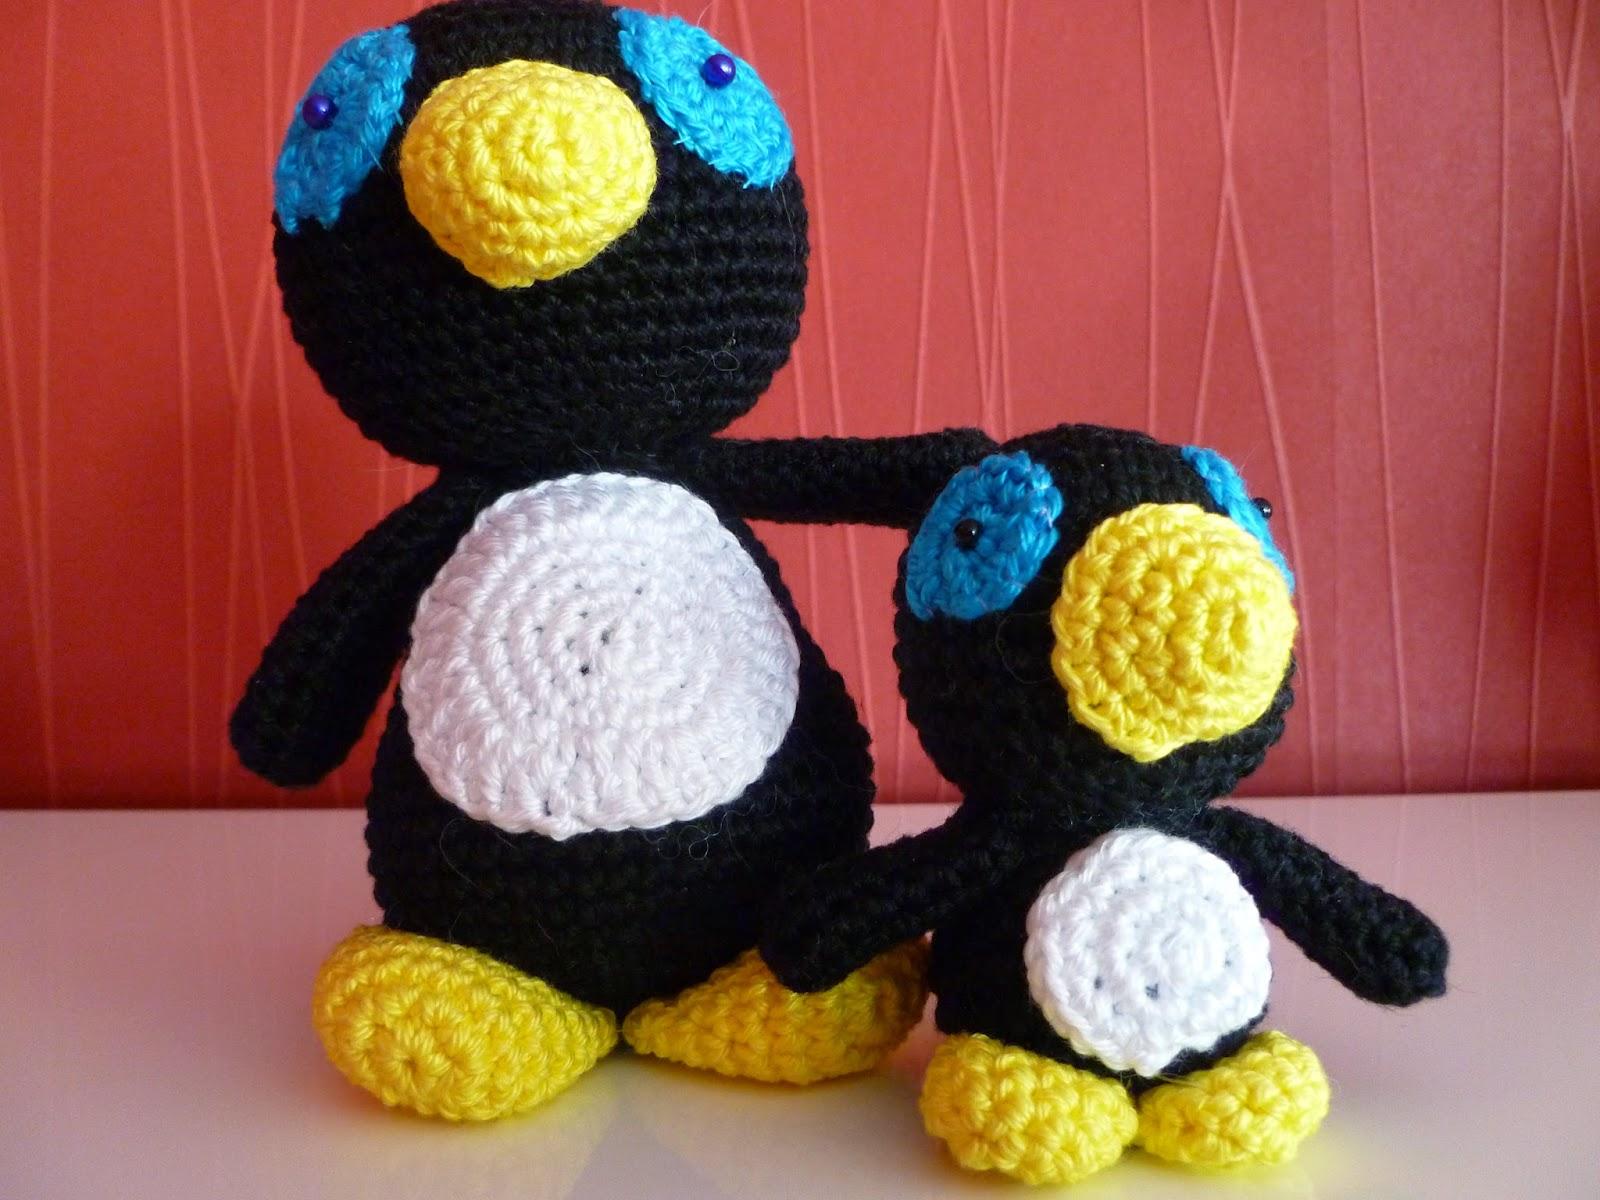 Amigurumi Leren Haken : Anne s crochet palace volgende stap amigurumi haken